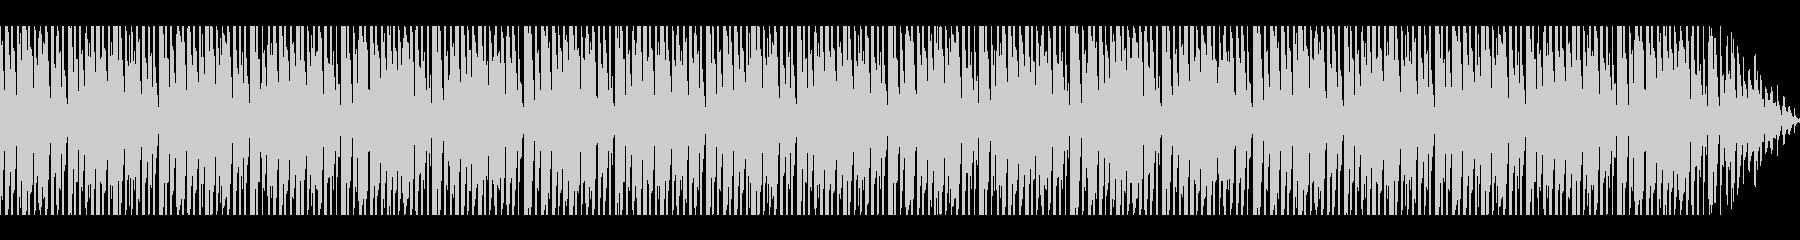 オーケストラ 壮大 映画の未再生の波形